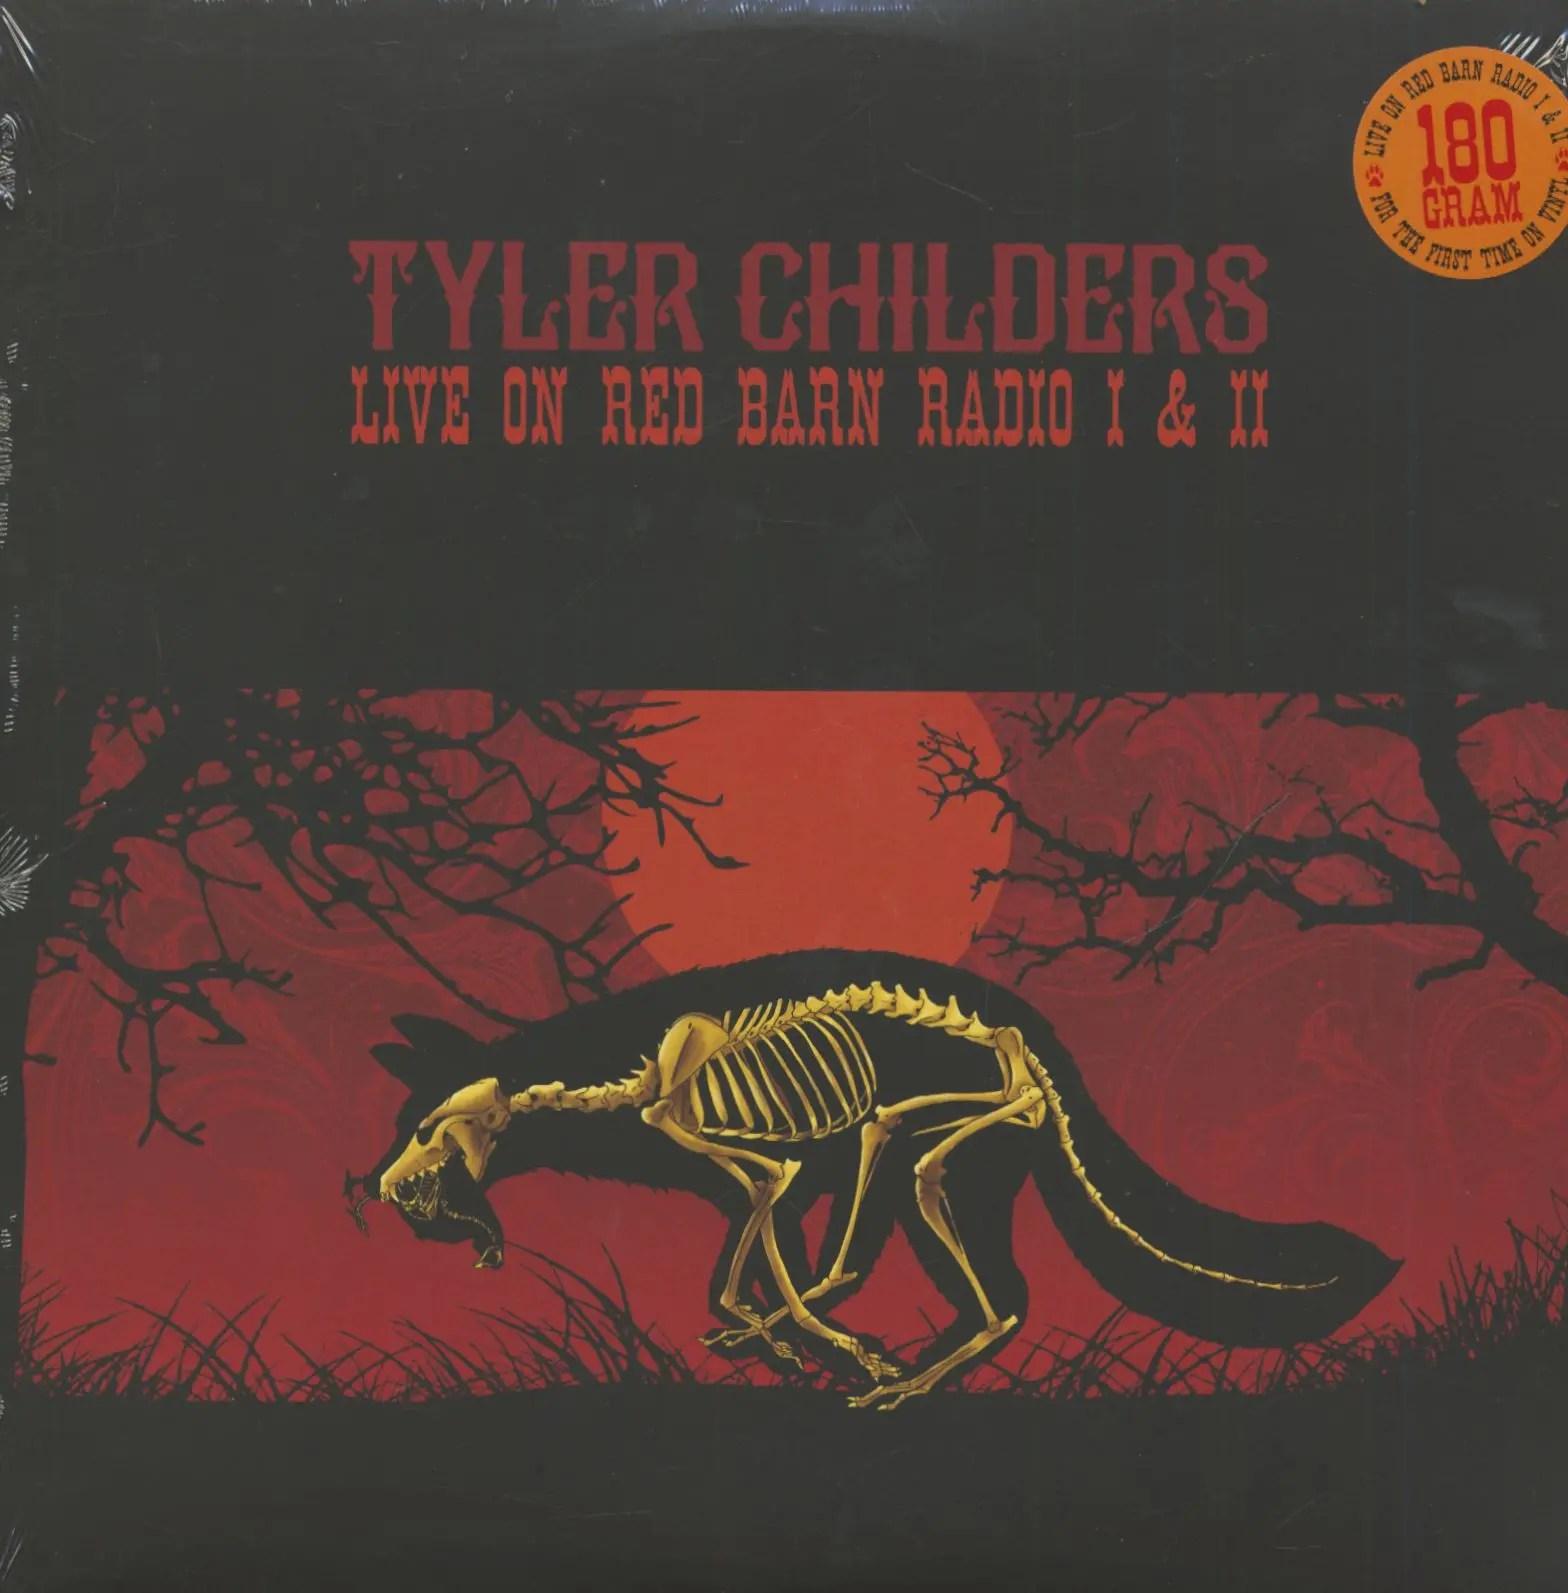 tyler childers lp live on red barn radio i ii lp 180g vinyl bear family records